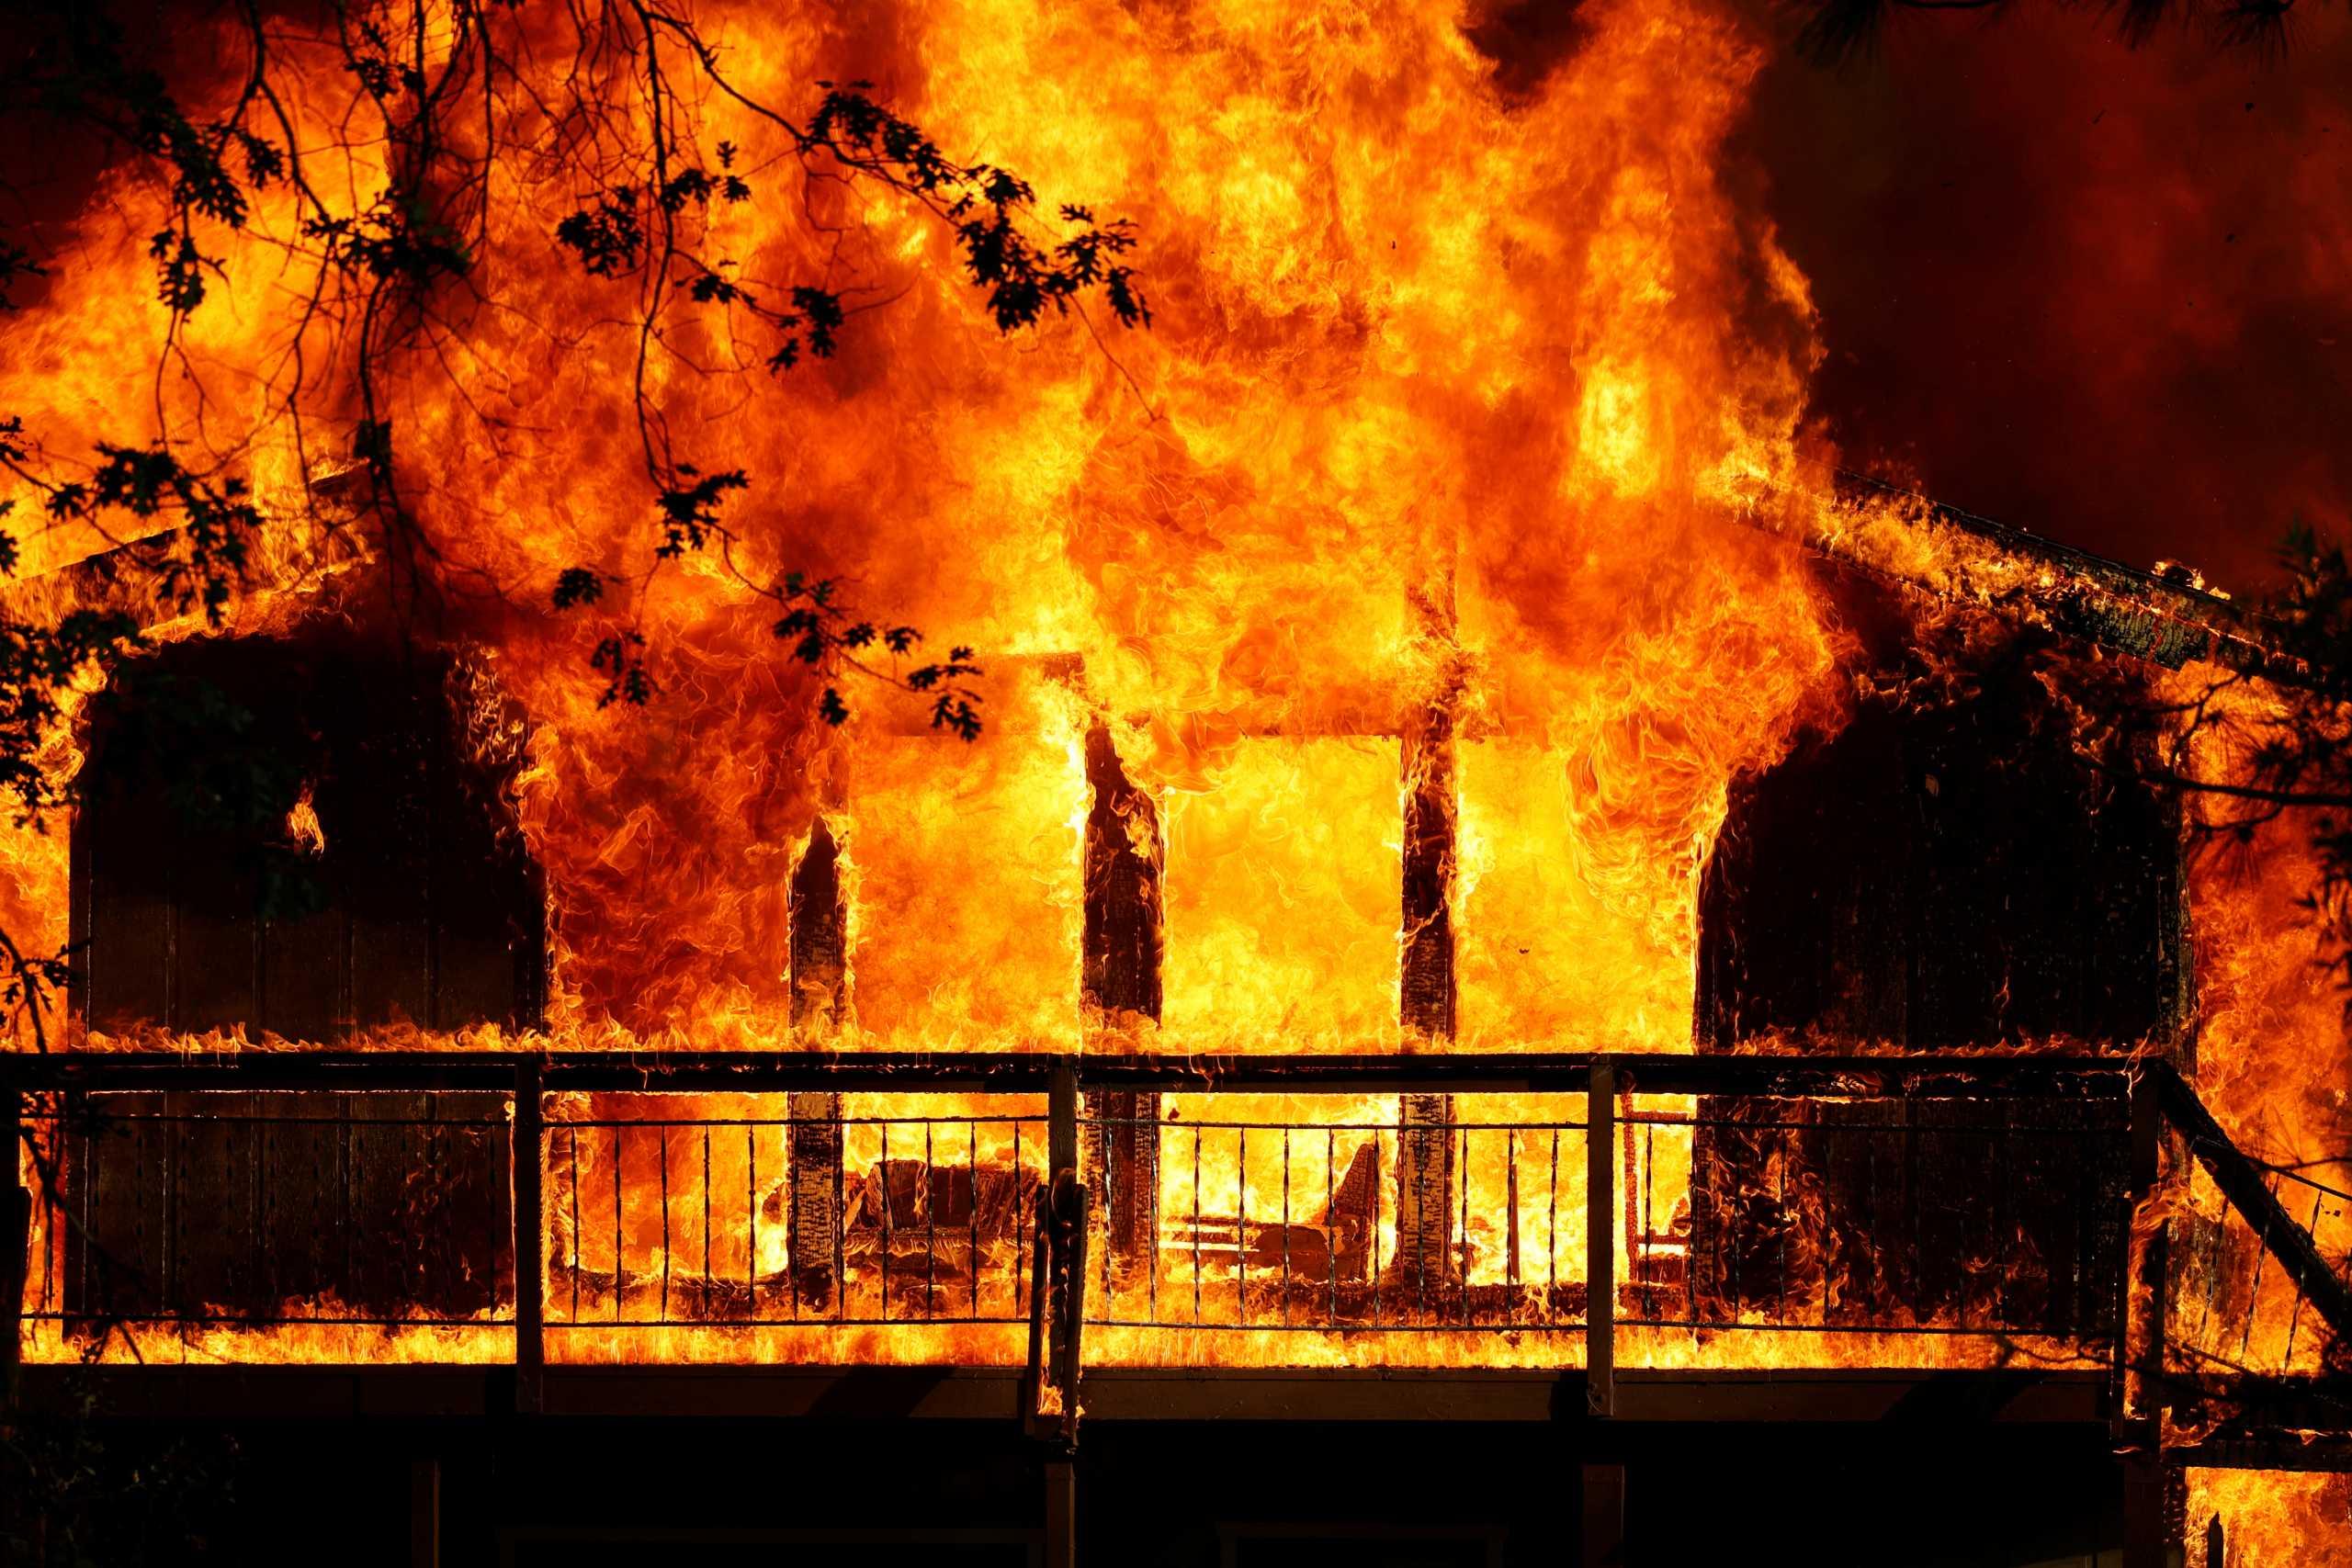 Καλιφόρνια: Μαίνονται οι τεράστιες φωτιές – Έφυγαν από τα σπίτια τους άλλοι 2.000 κάτοικοι